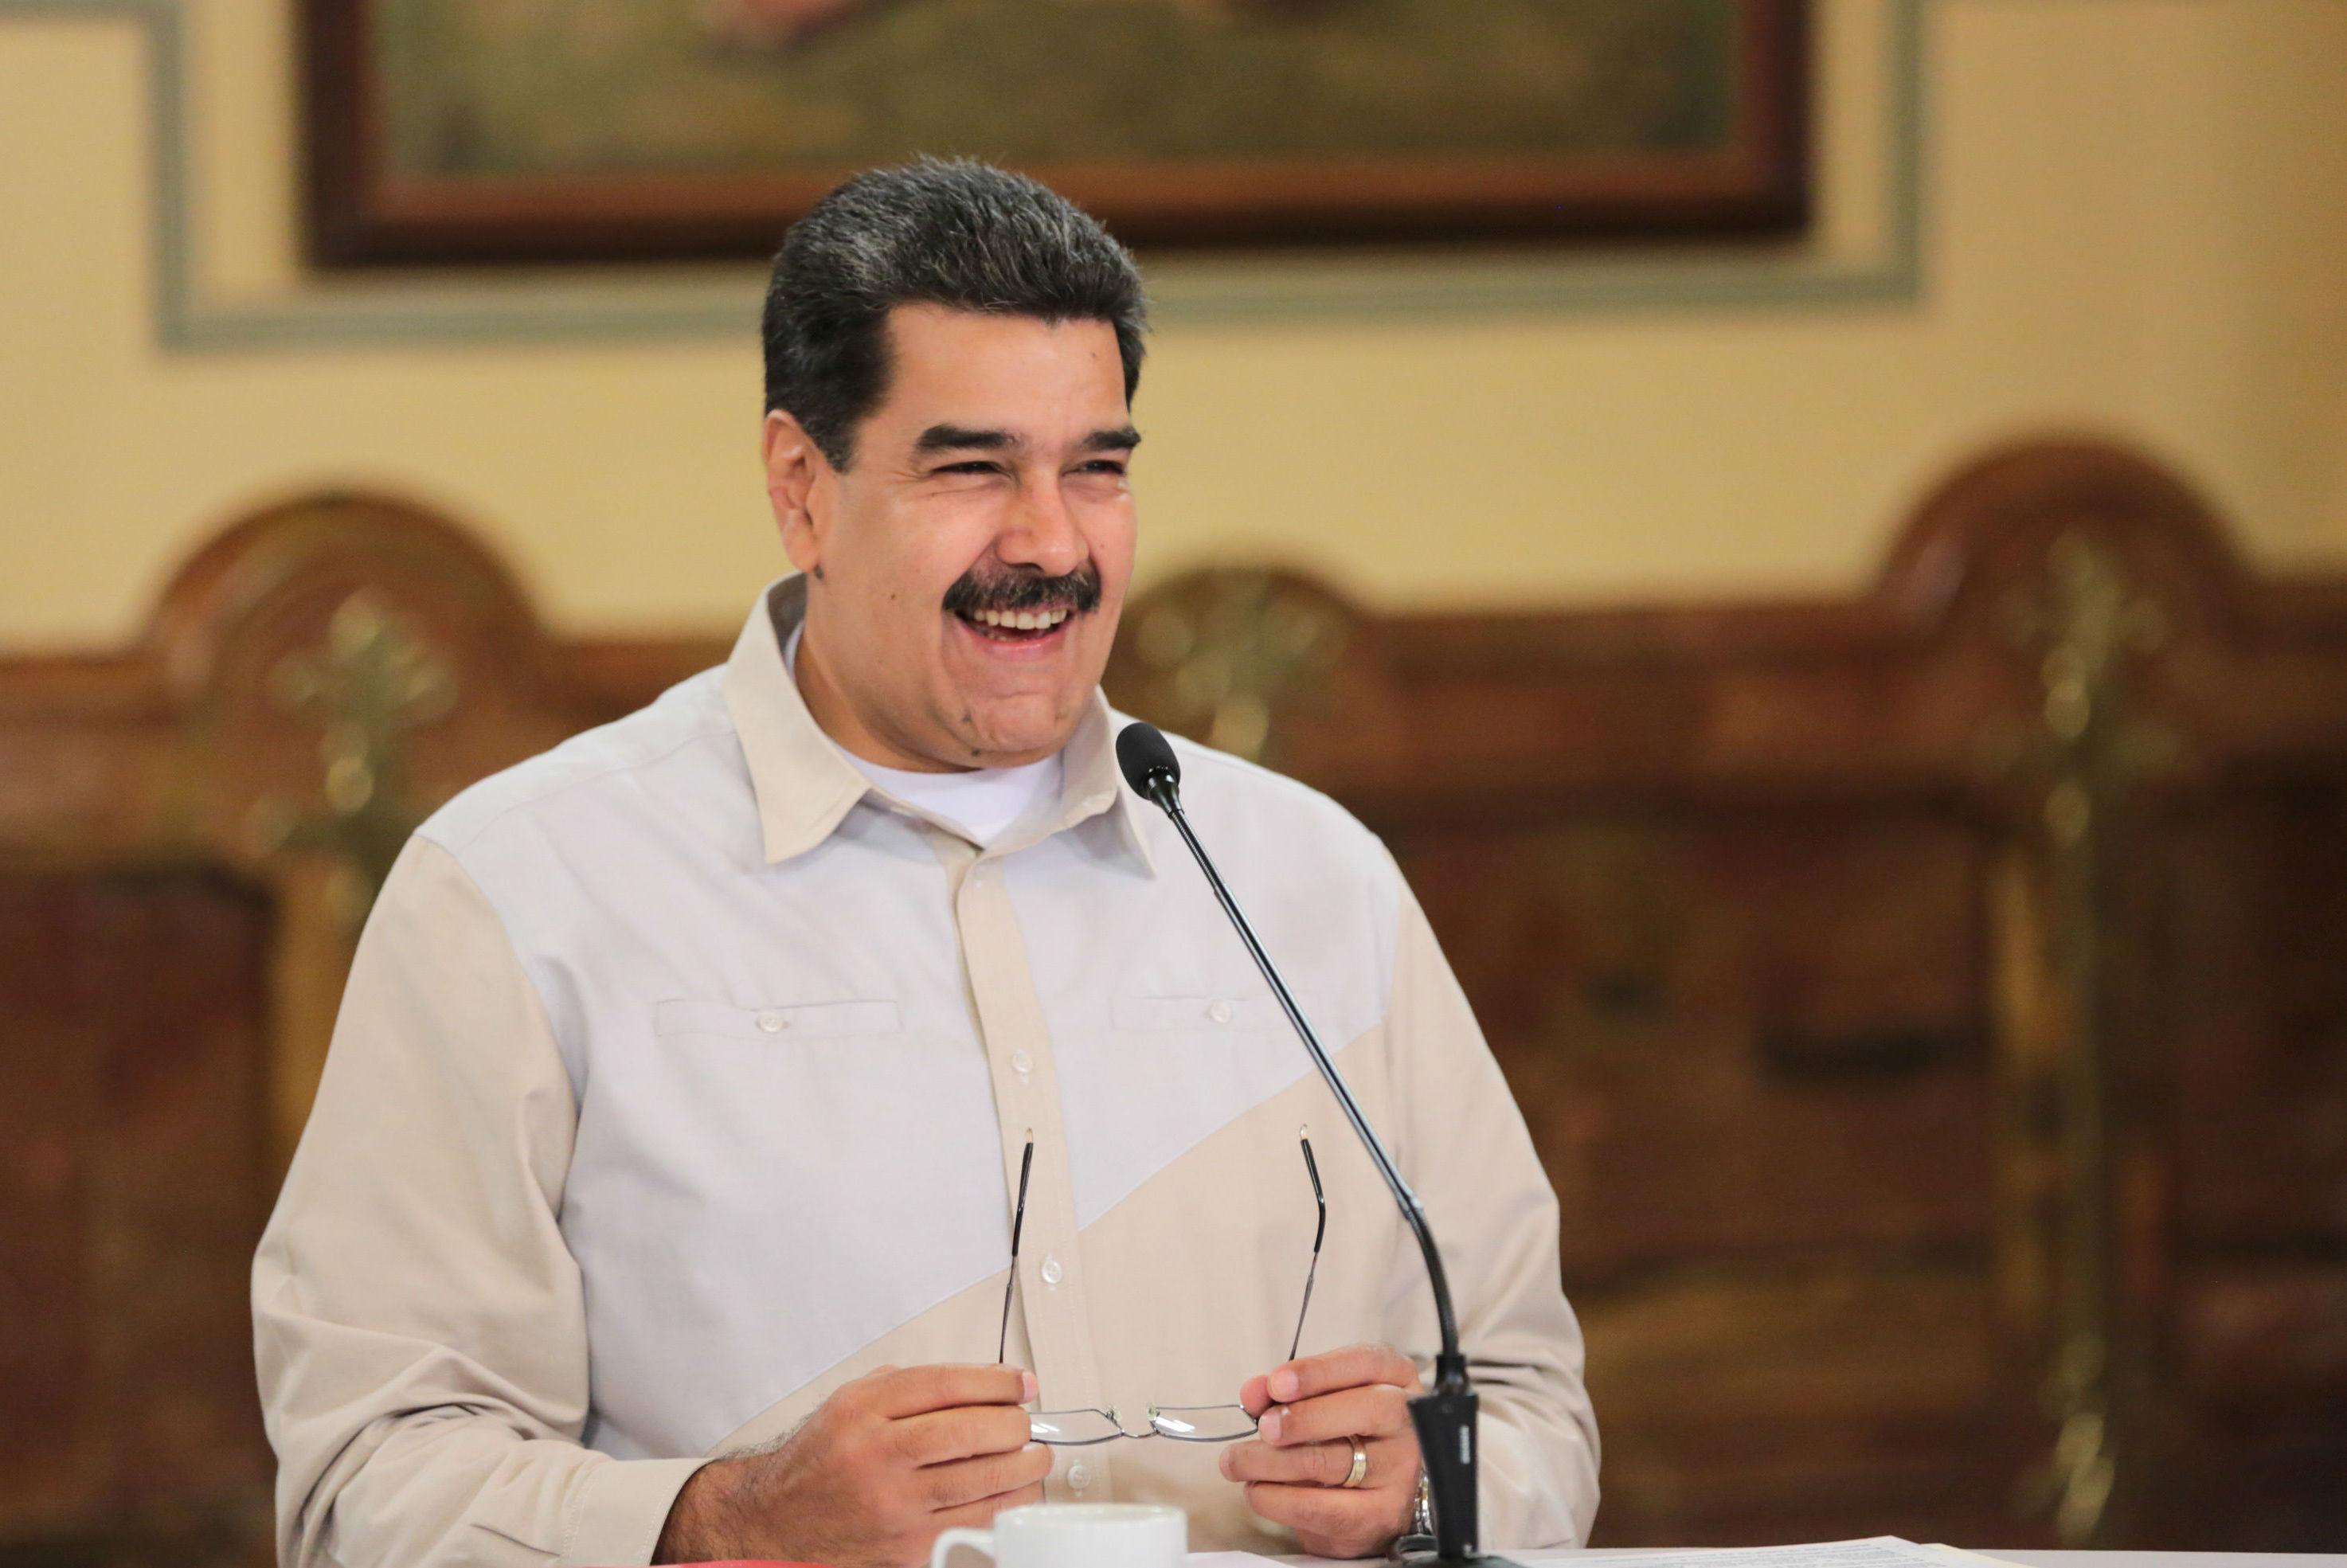 Presidente da Venezuela, Nicolás Maduro, sorri durante reunião com membros do governo no Palácio de Miraflores, em Caracas, Venezuela, em 23 de abril de 2019